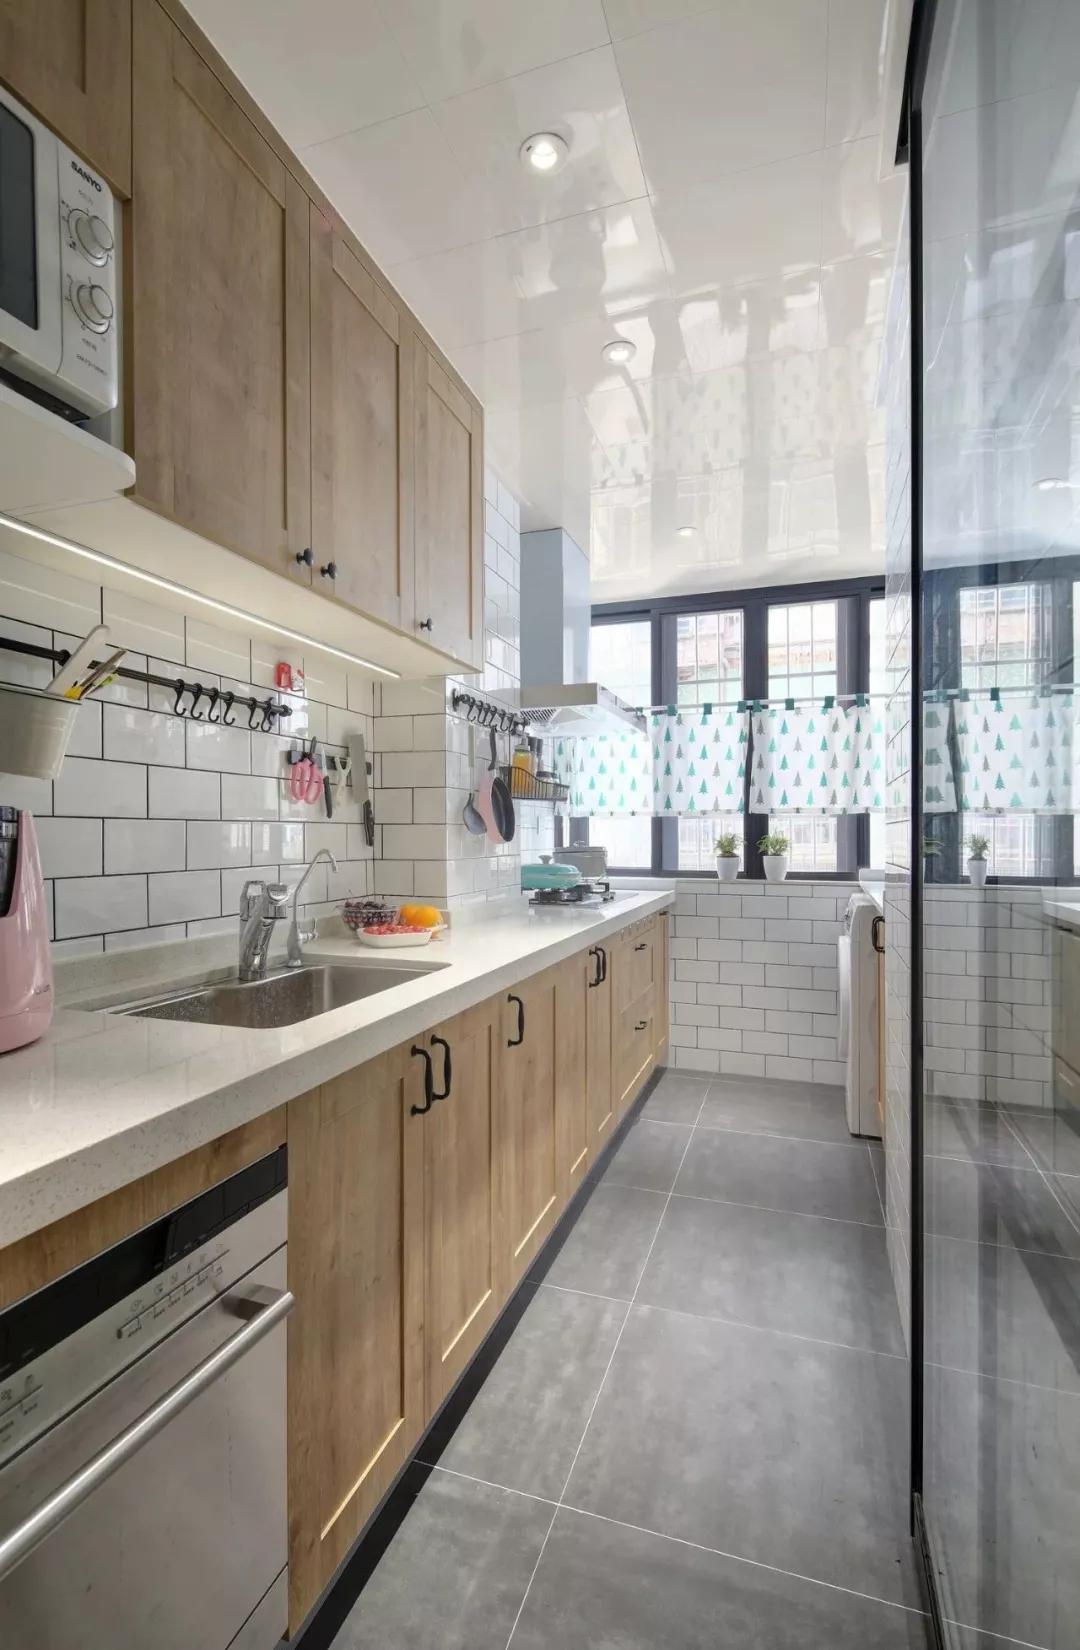 """""""一""""字型设计,厨房过道尽头便是宽大的窗,整体简洁明亮。"""